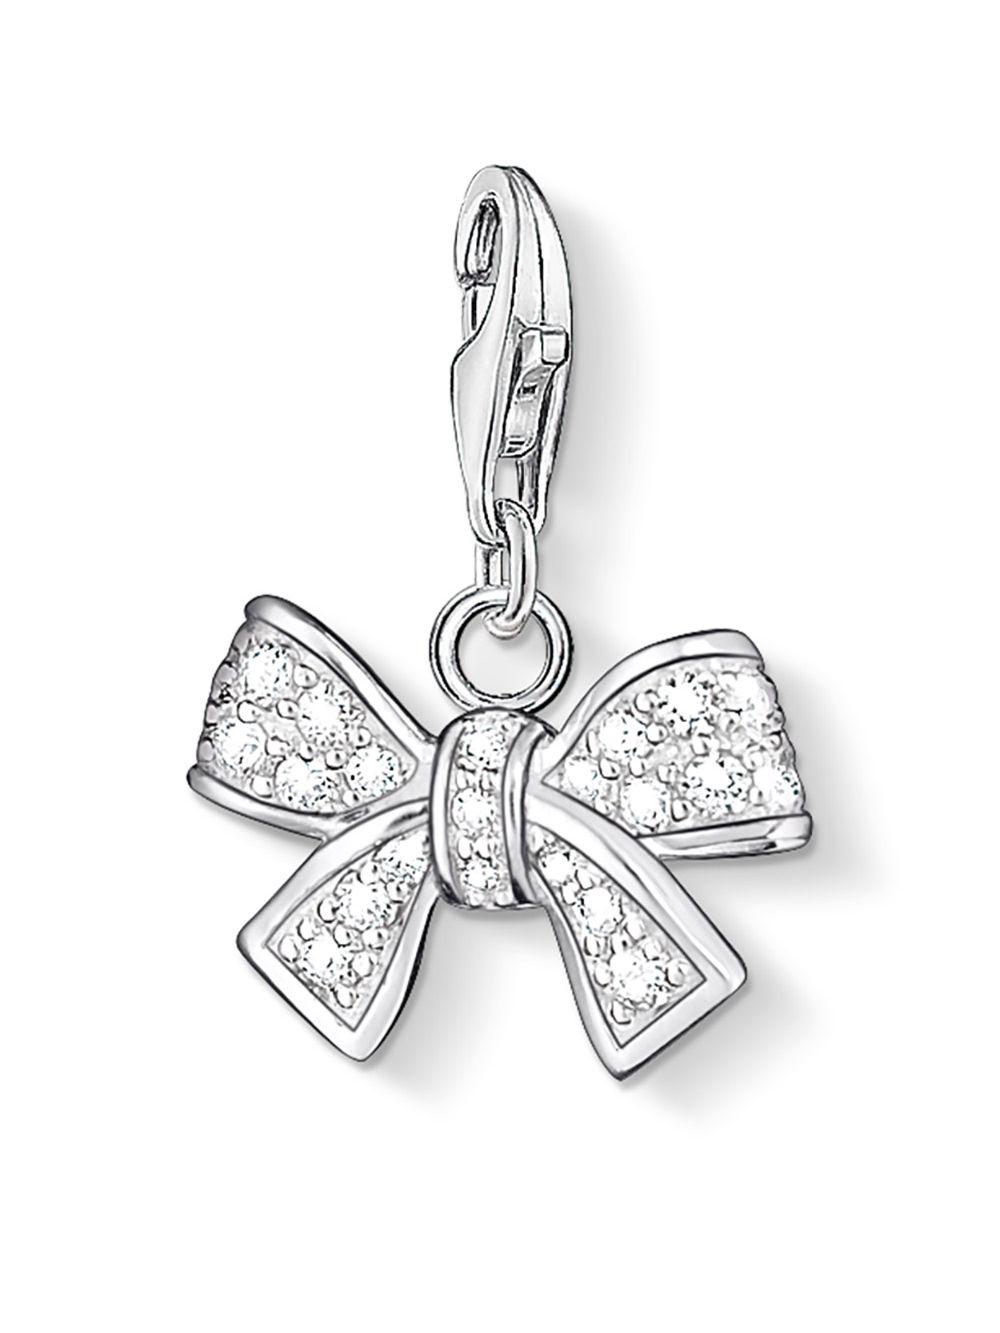 Thomas Sabo Thomas Sabo Charm pendant bow white 0843-051-14 3XTrYnqD